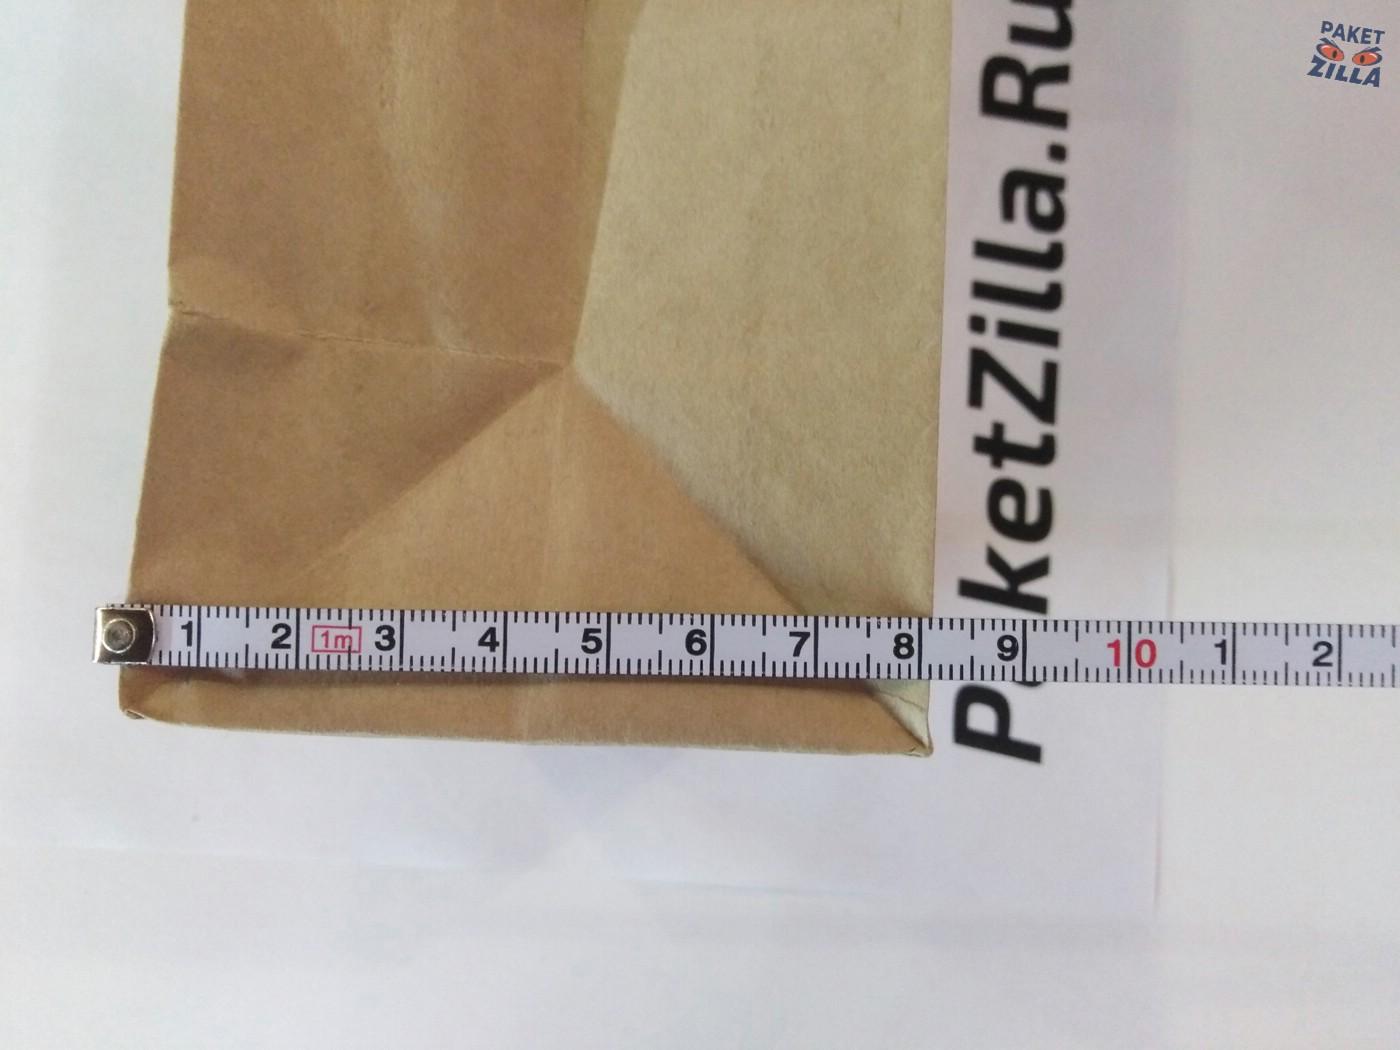 Крафт пакет 250 х 120 х 80 с круглым окном. 2-х слойный. 7.